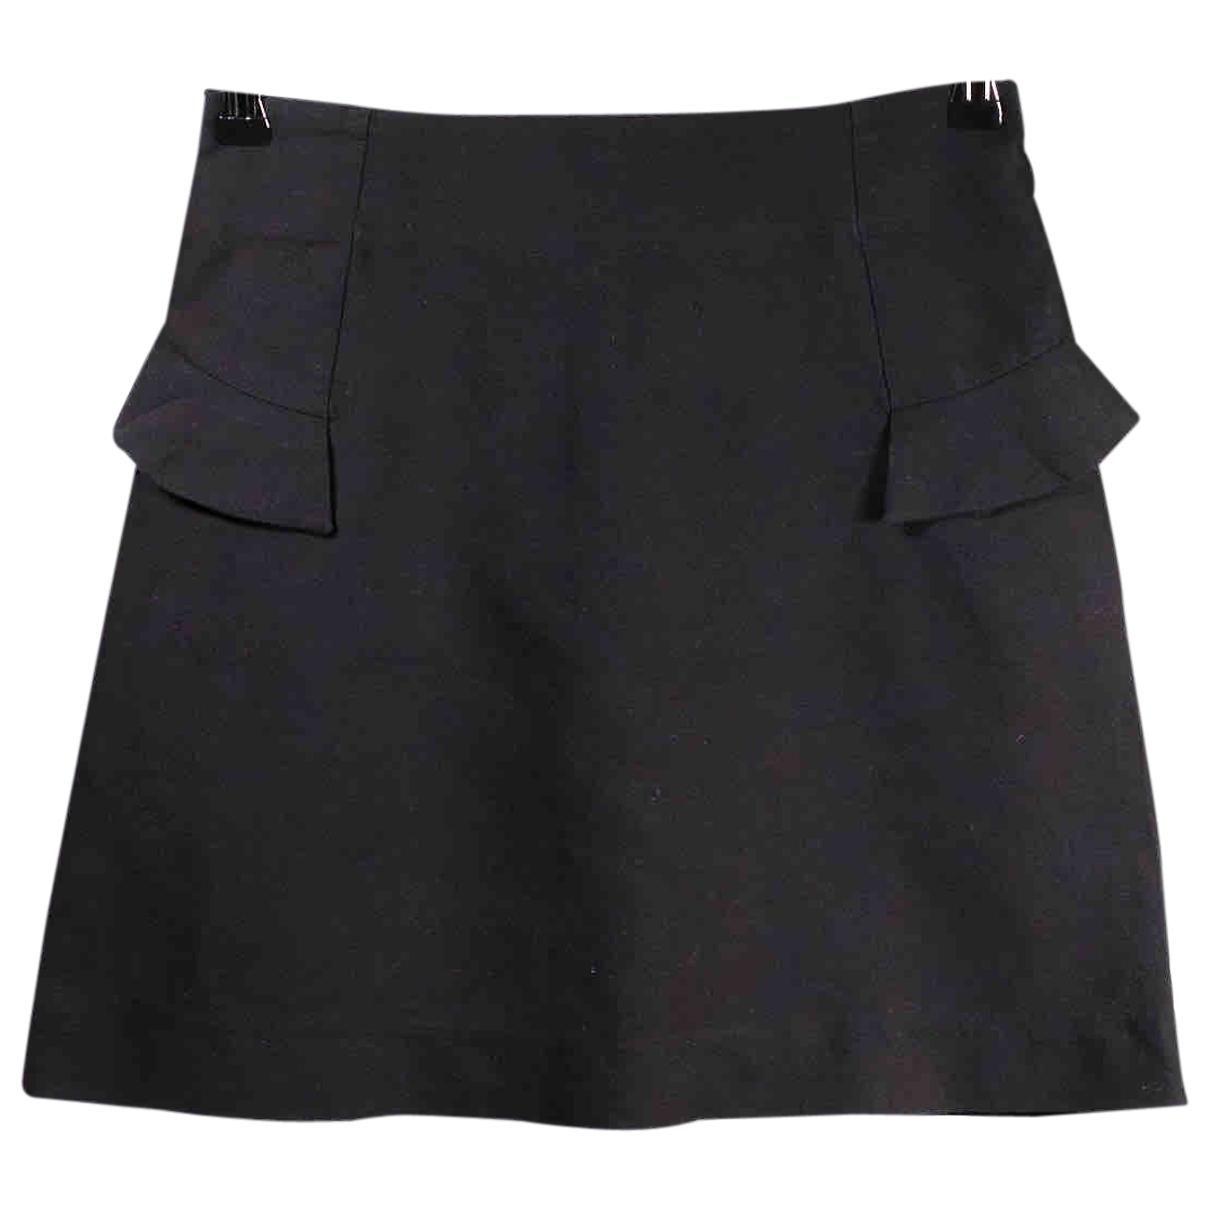 Sandro \N Black Cotton skirt for Women 36 FR